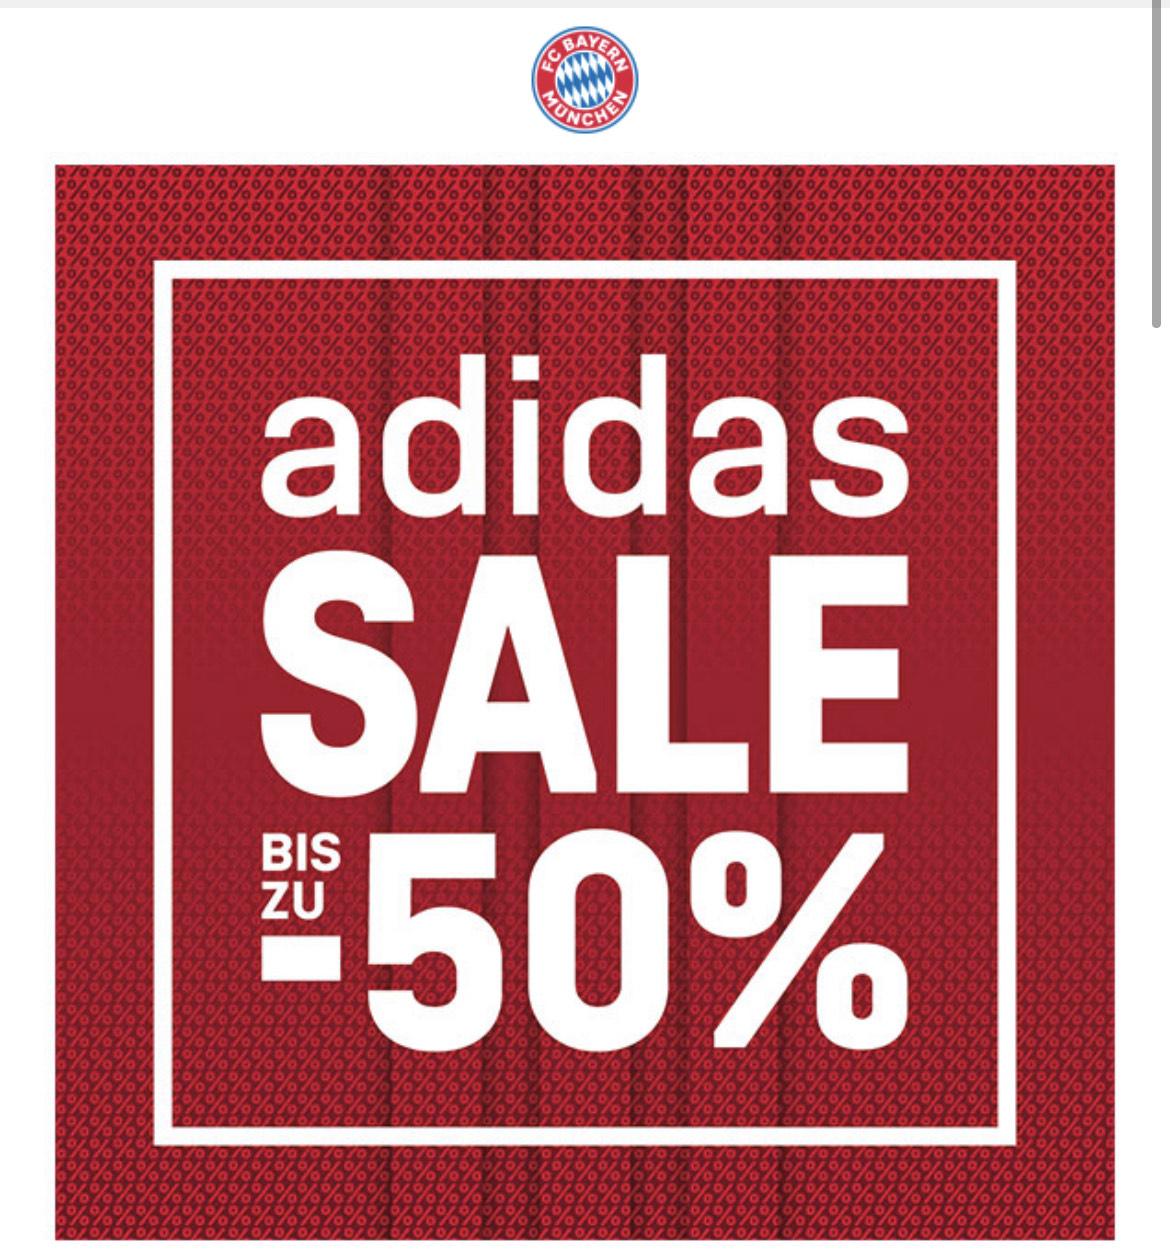 FC Bayern Onlineshop - Adidas Sale - Bis zu 50%!